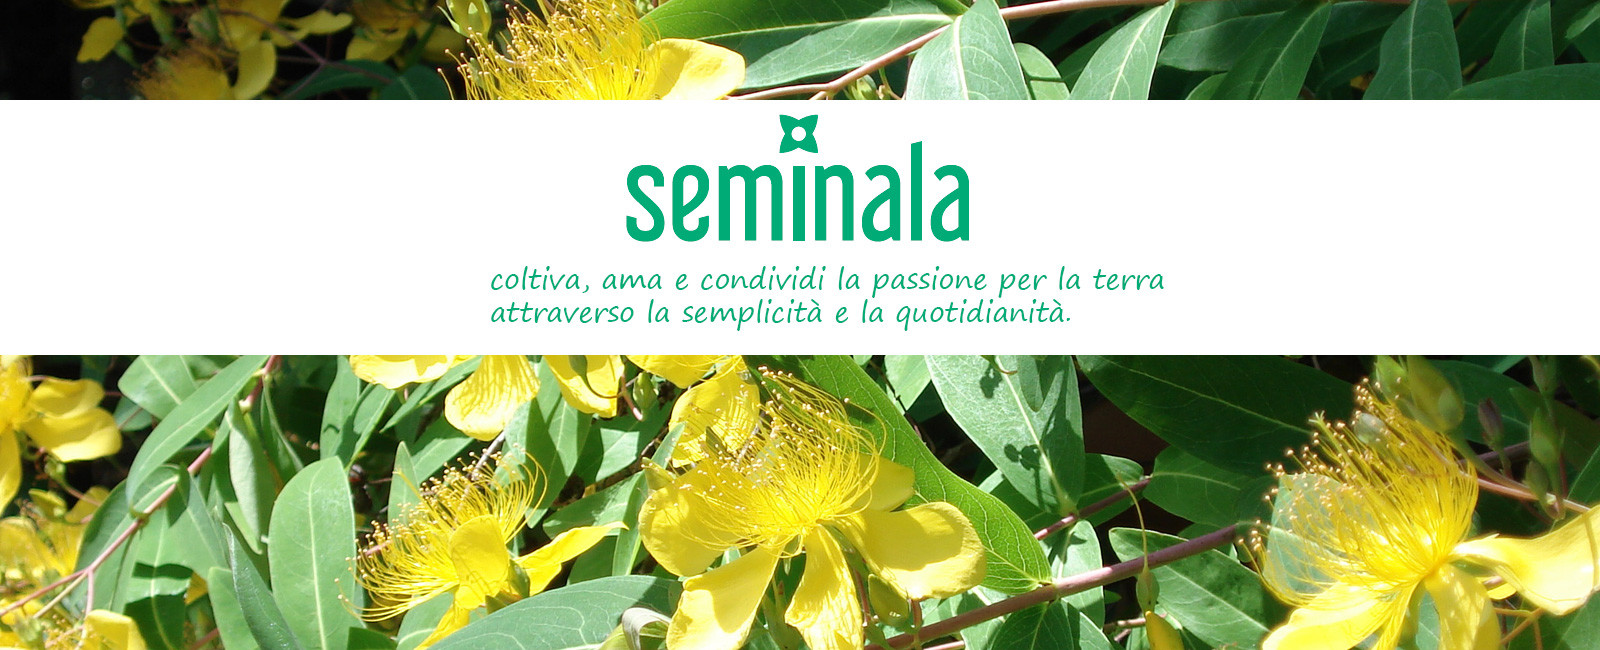 Seminala, coltiva la tua passione per la terra.